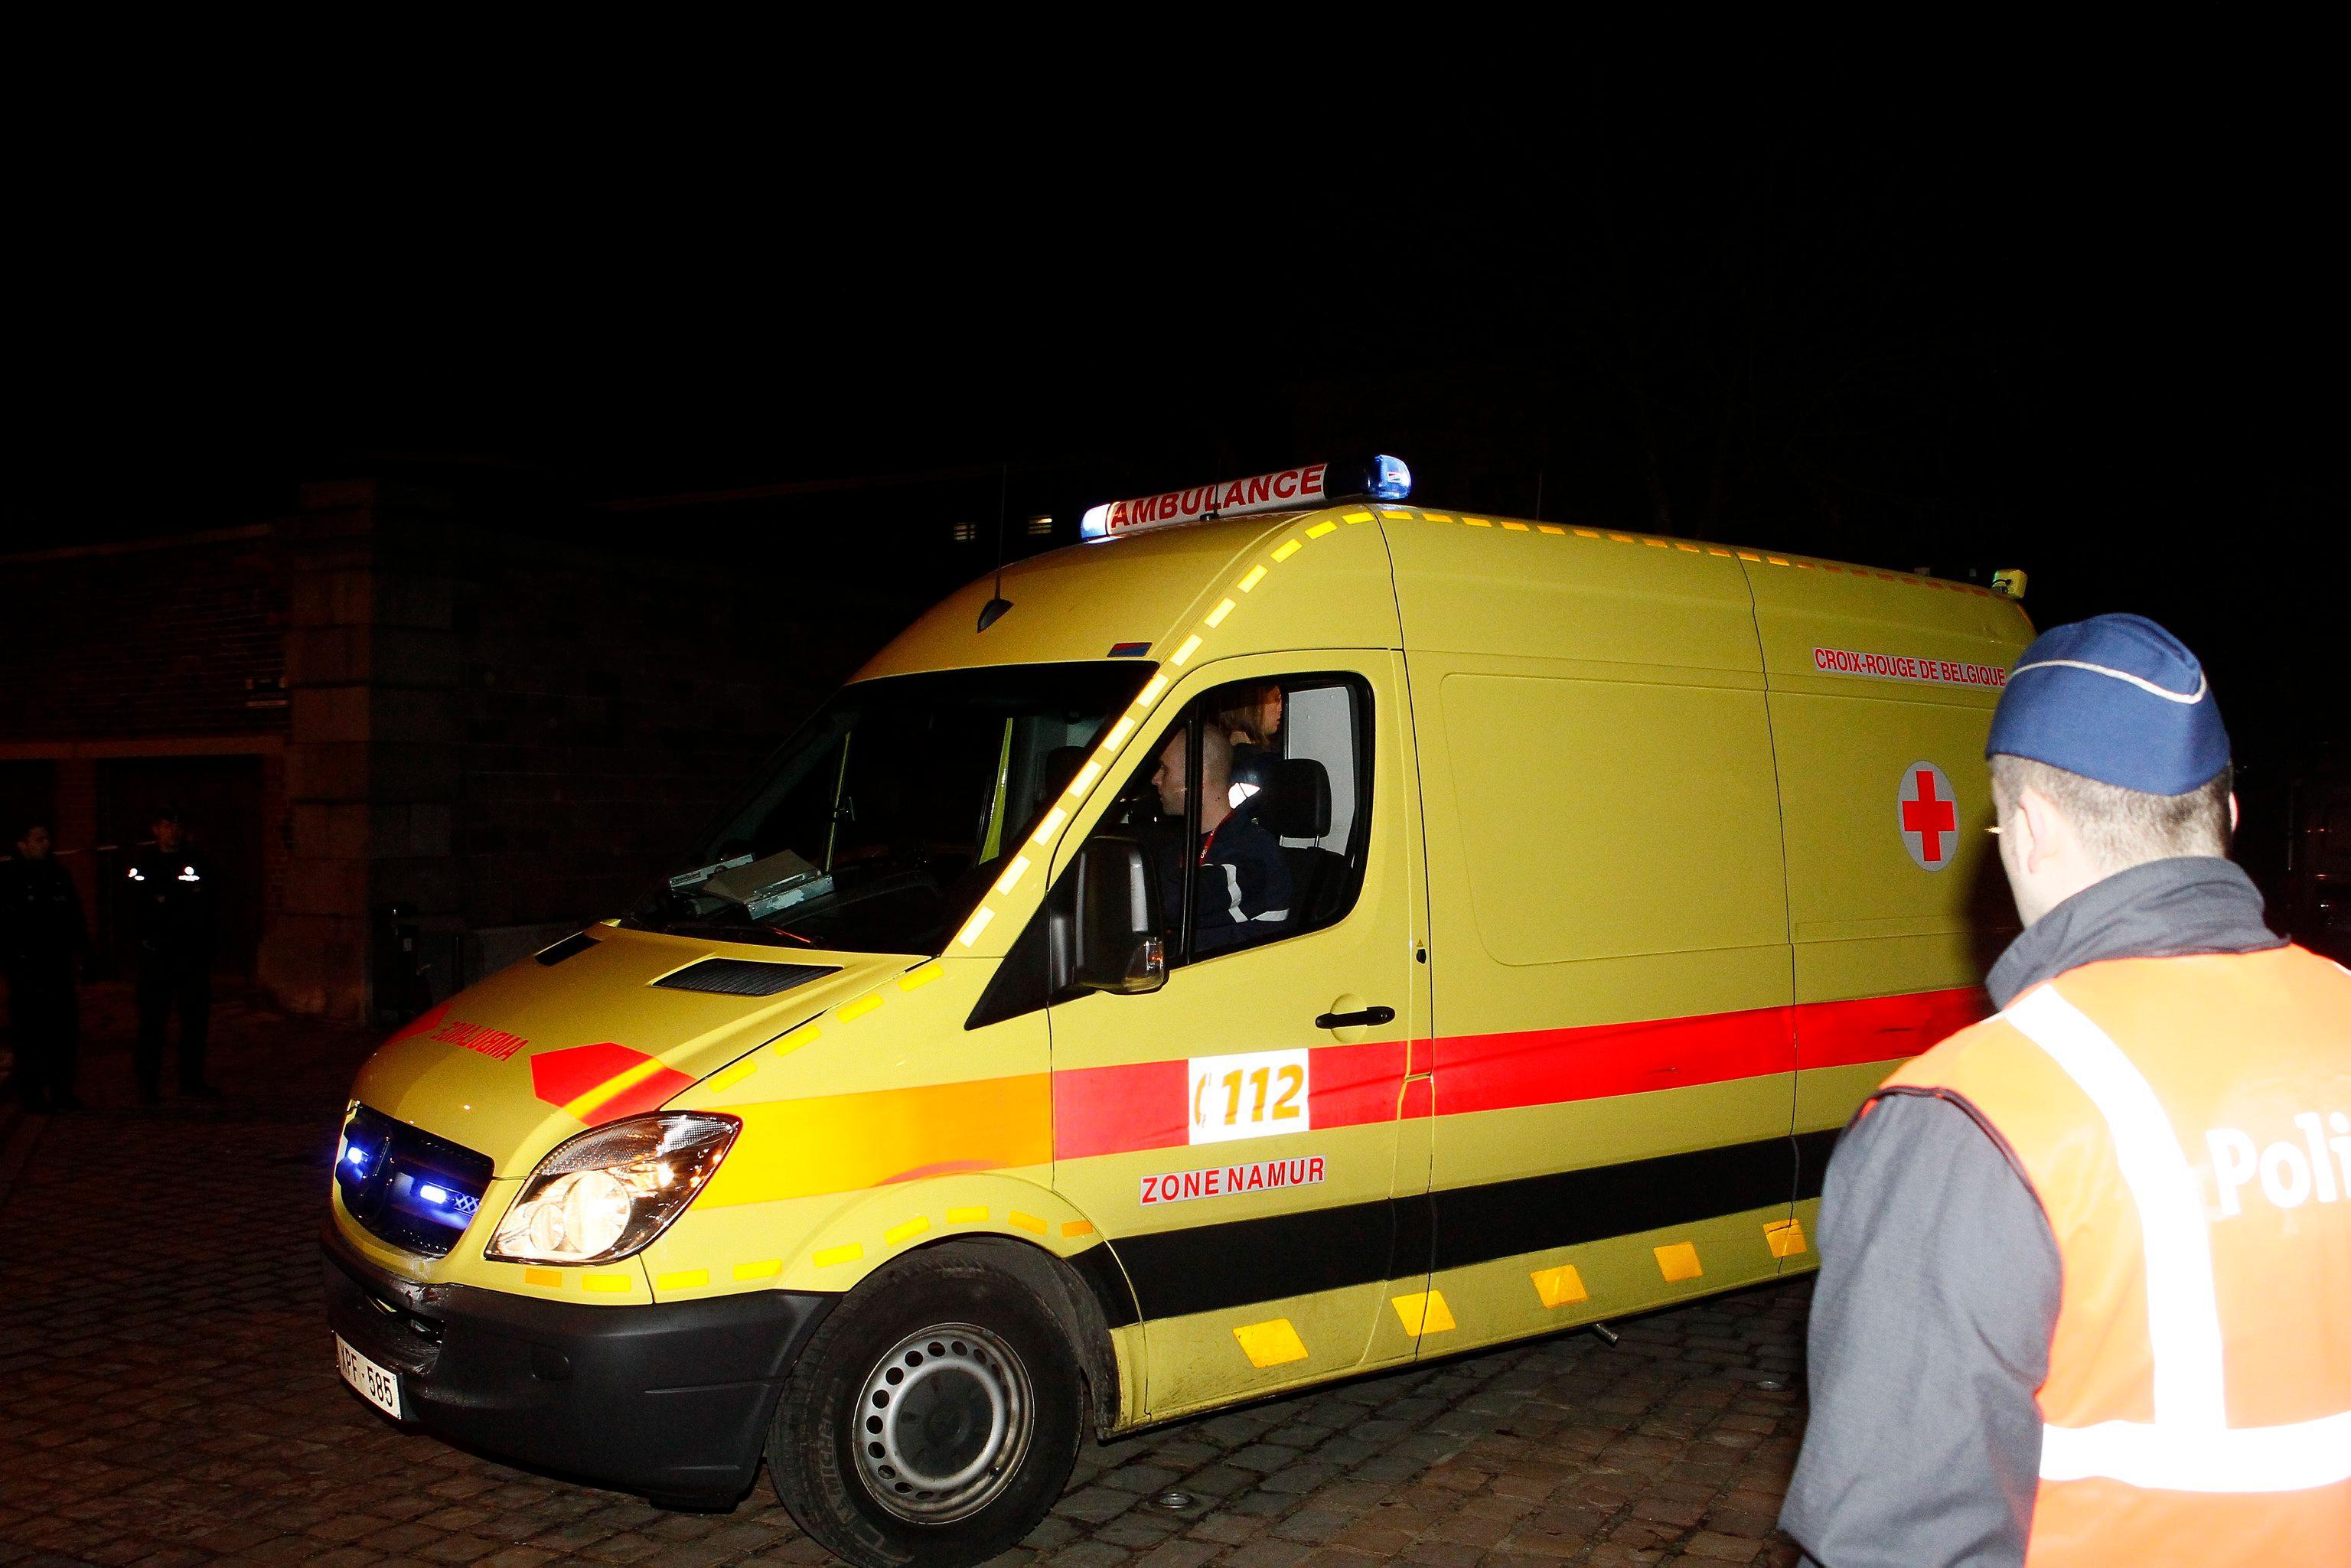 Accident au port de Vaulx: un transporteur grièvement blessé